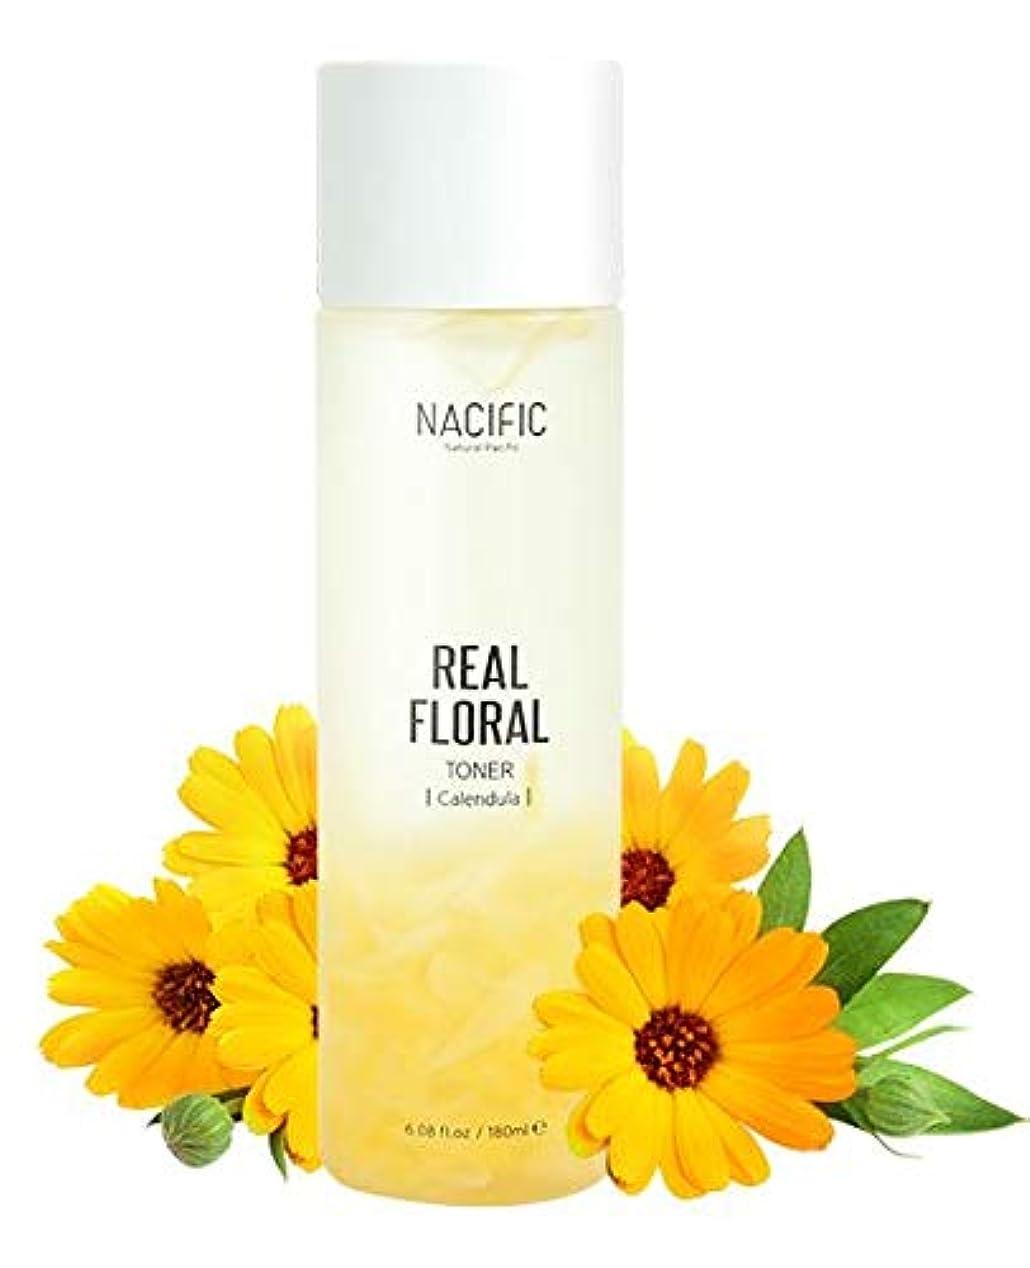 吹雪選挙背の高い[Nacific] Real Floral Toner(Calendula) 180ml /[ナシフィック] リアル フローラル トナー(カレンデュラ) 180ml [並行輸入品]